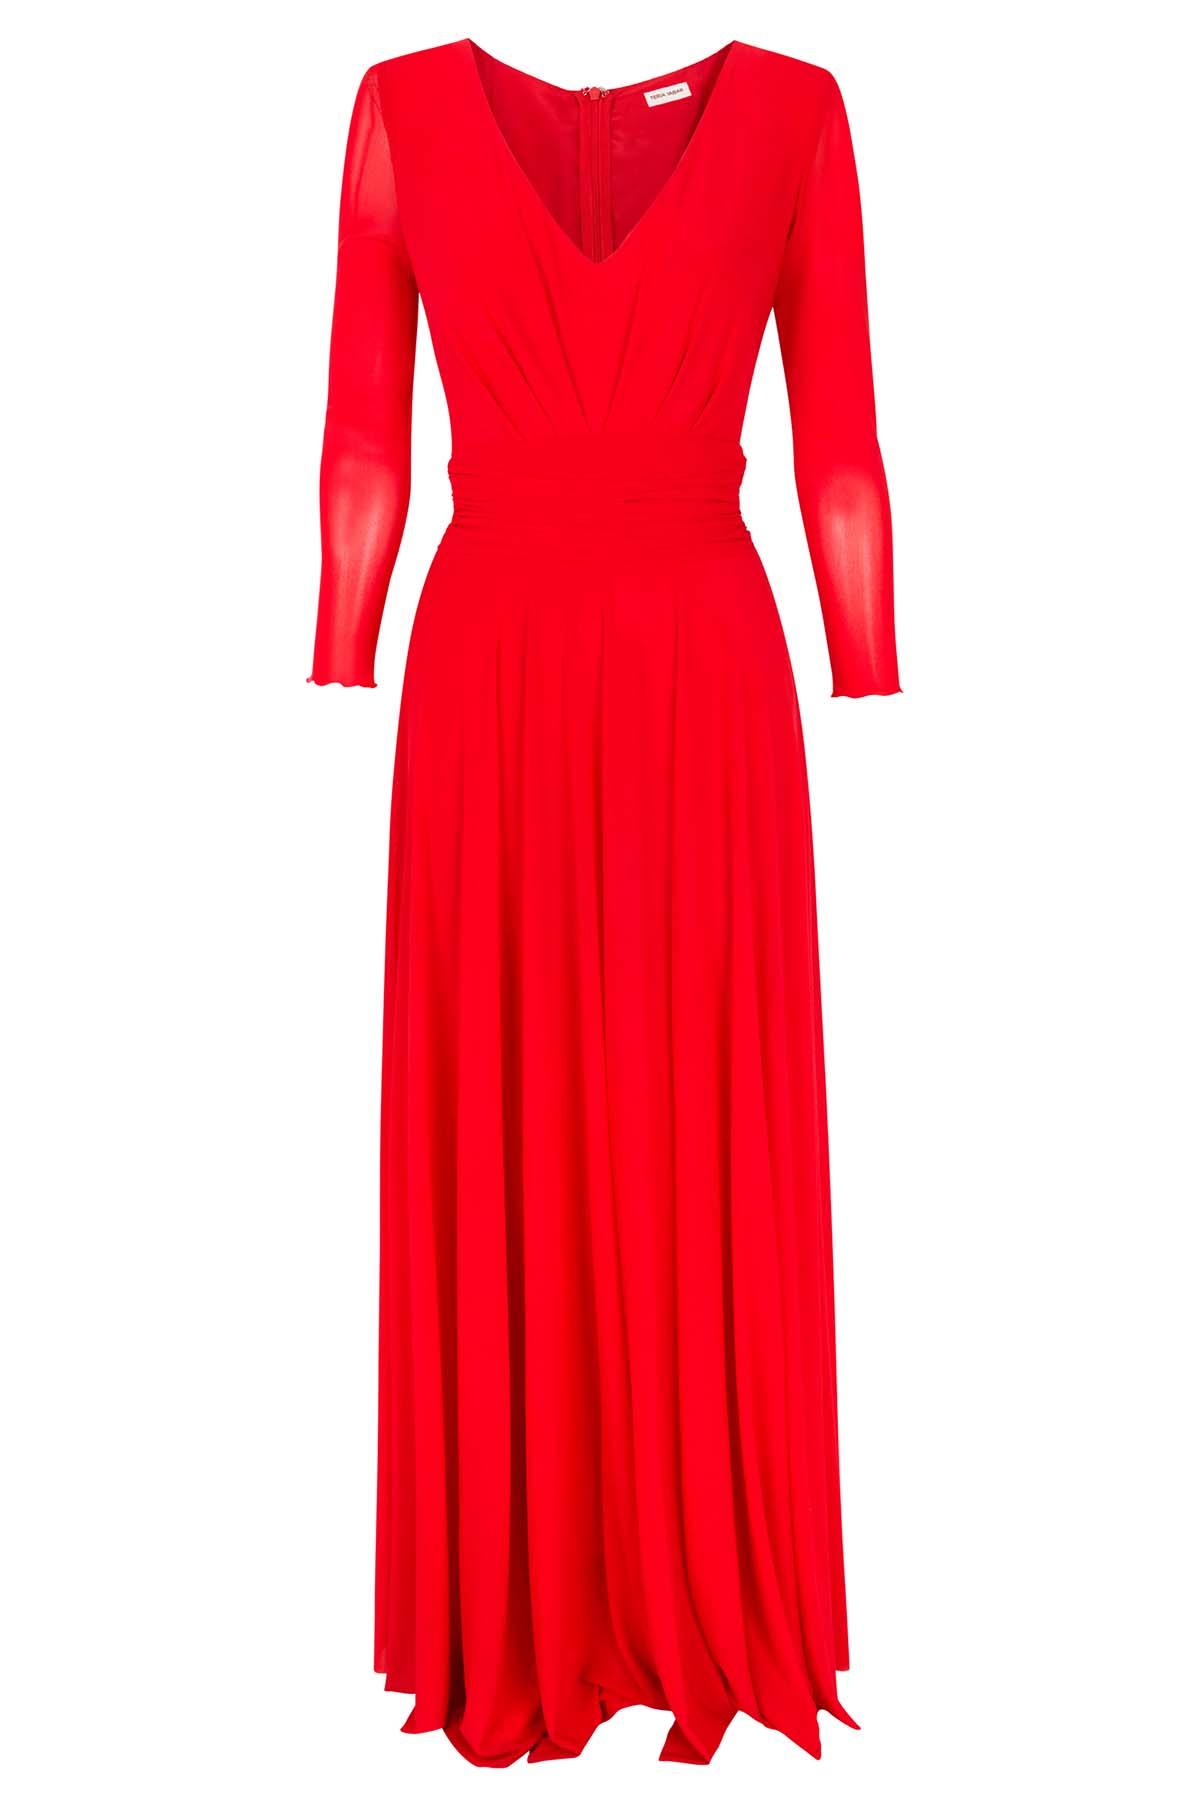 Teria Yabar - Vestido rojo de vuelo